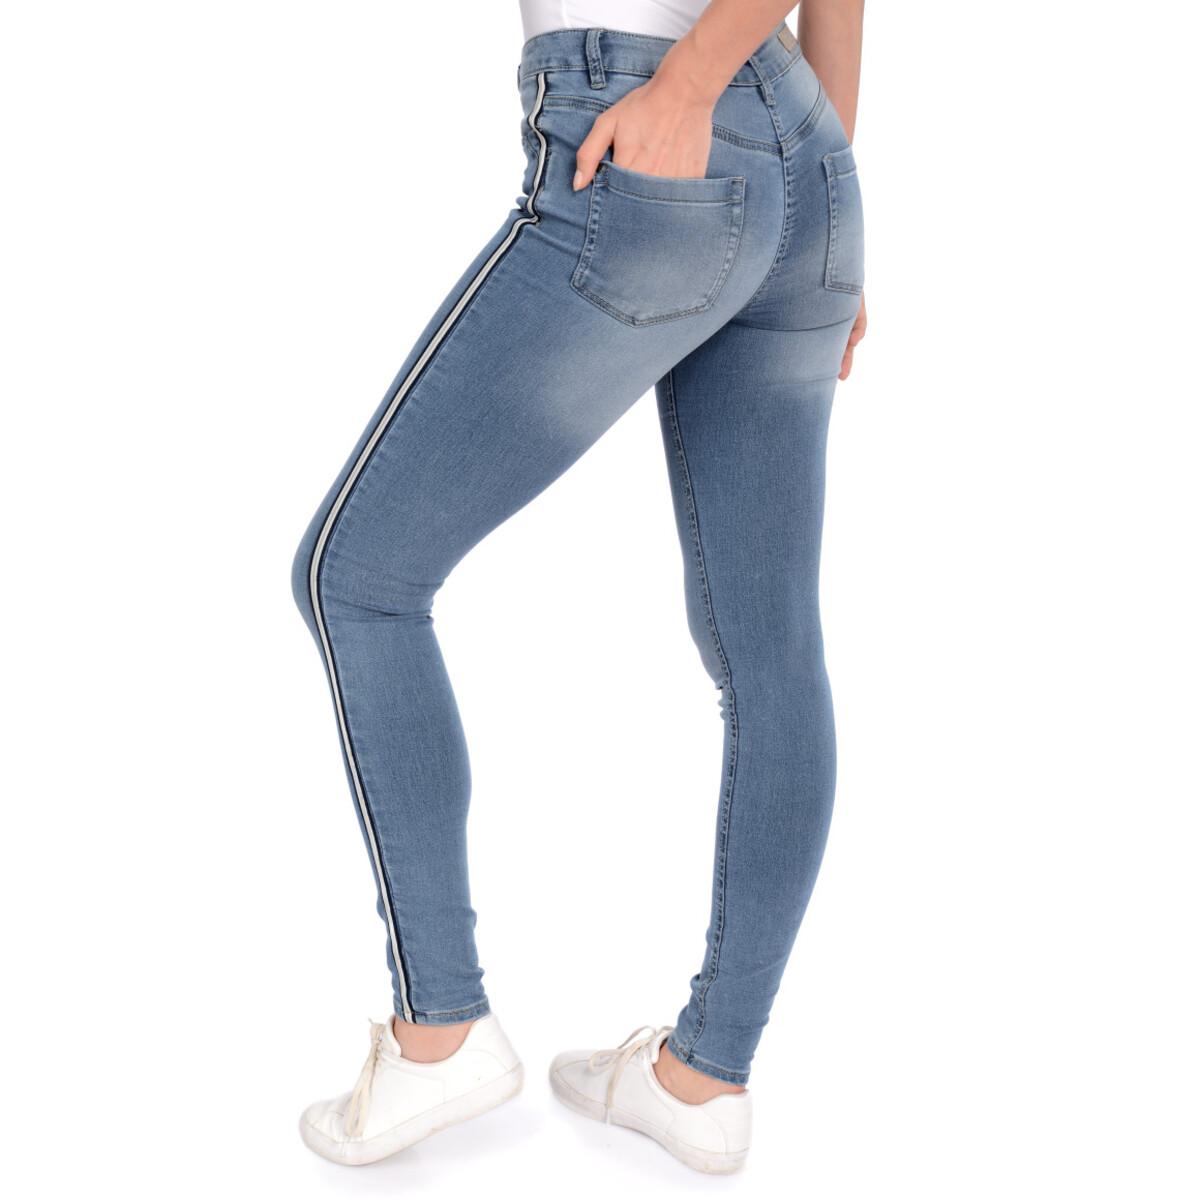 Bild 4 von Damen Slim-Jeans mit Galonstreifen